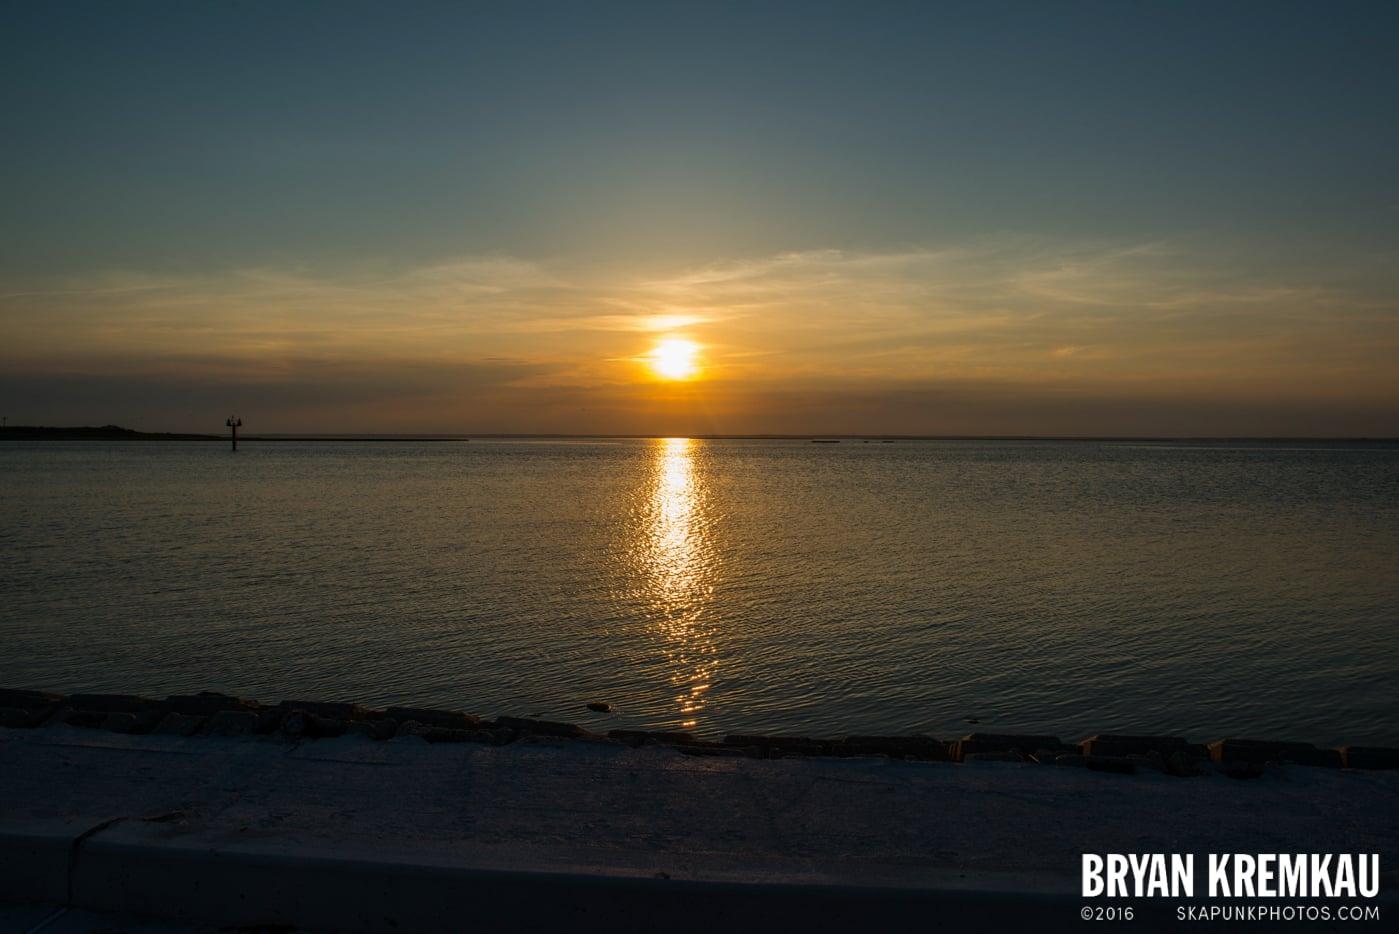 Beach Haven, Long Beach Island, NJ - 6.16.14 - 6.18.14 (85)